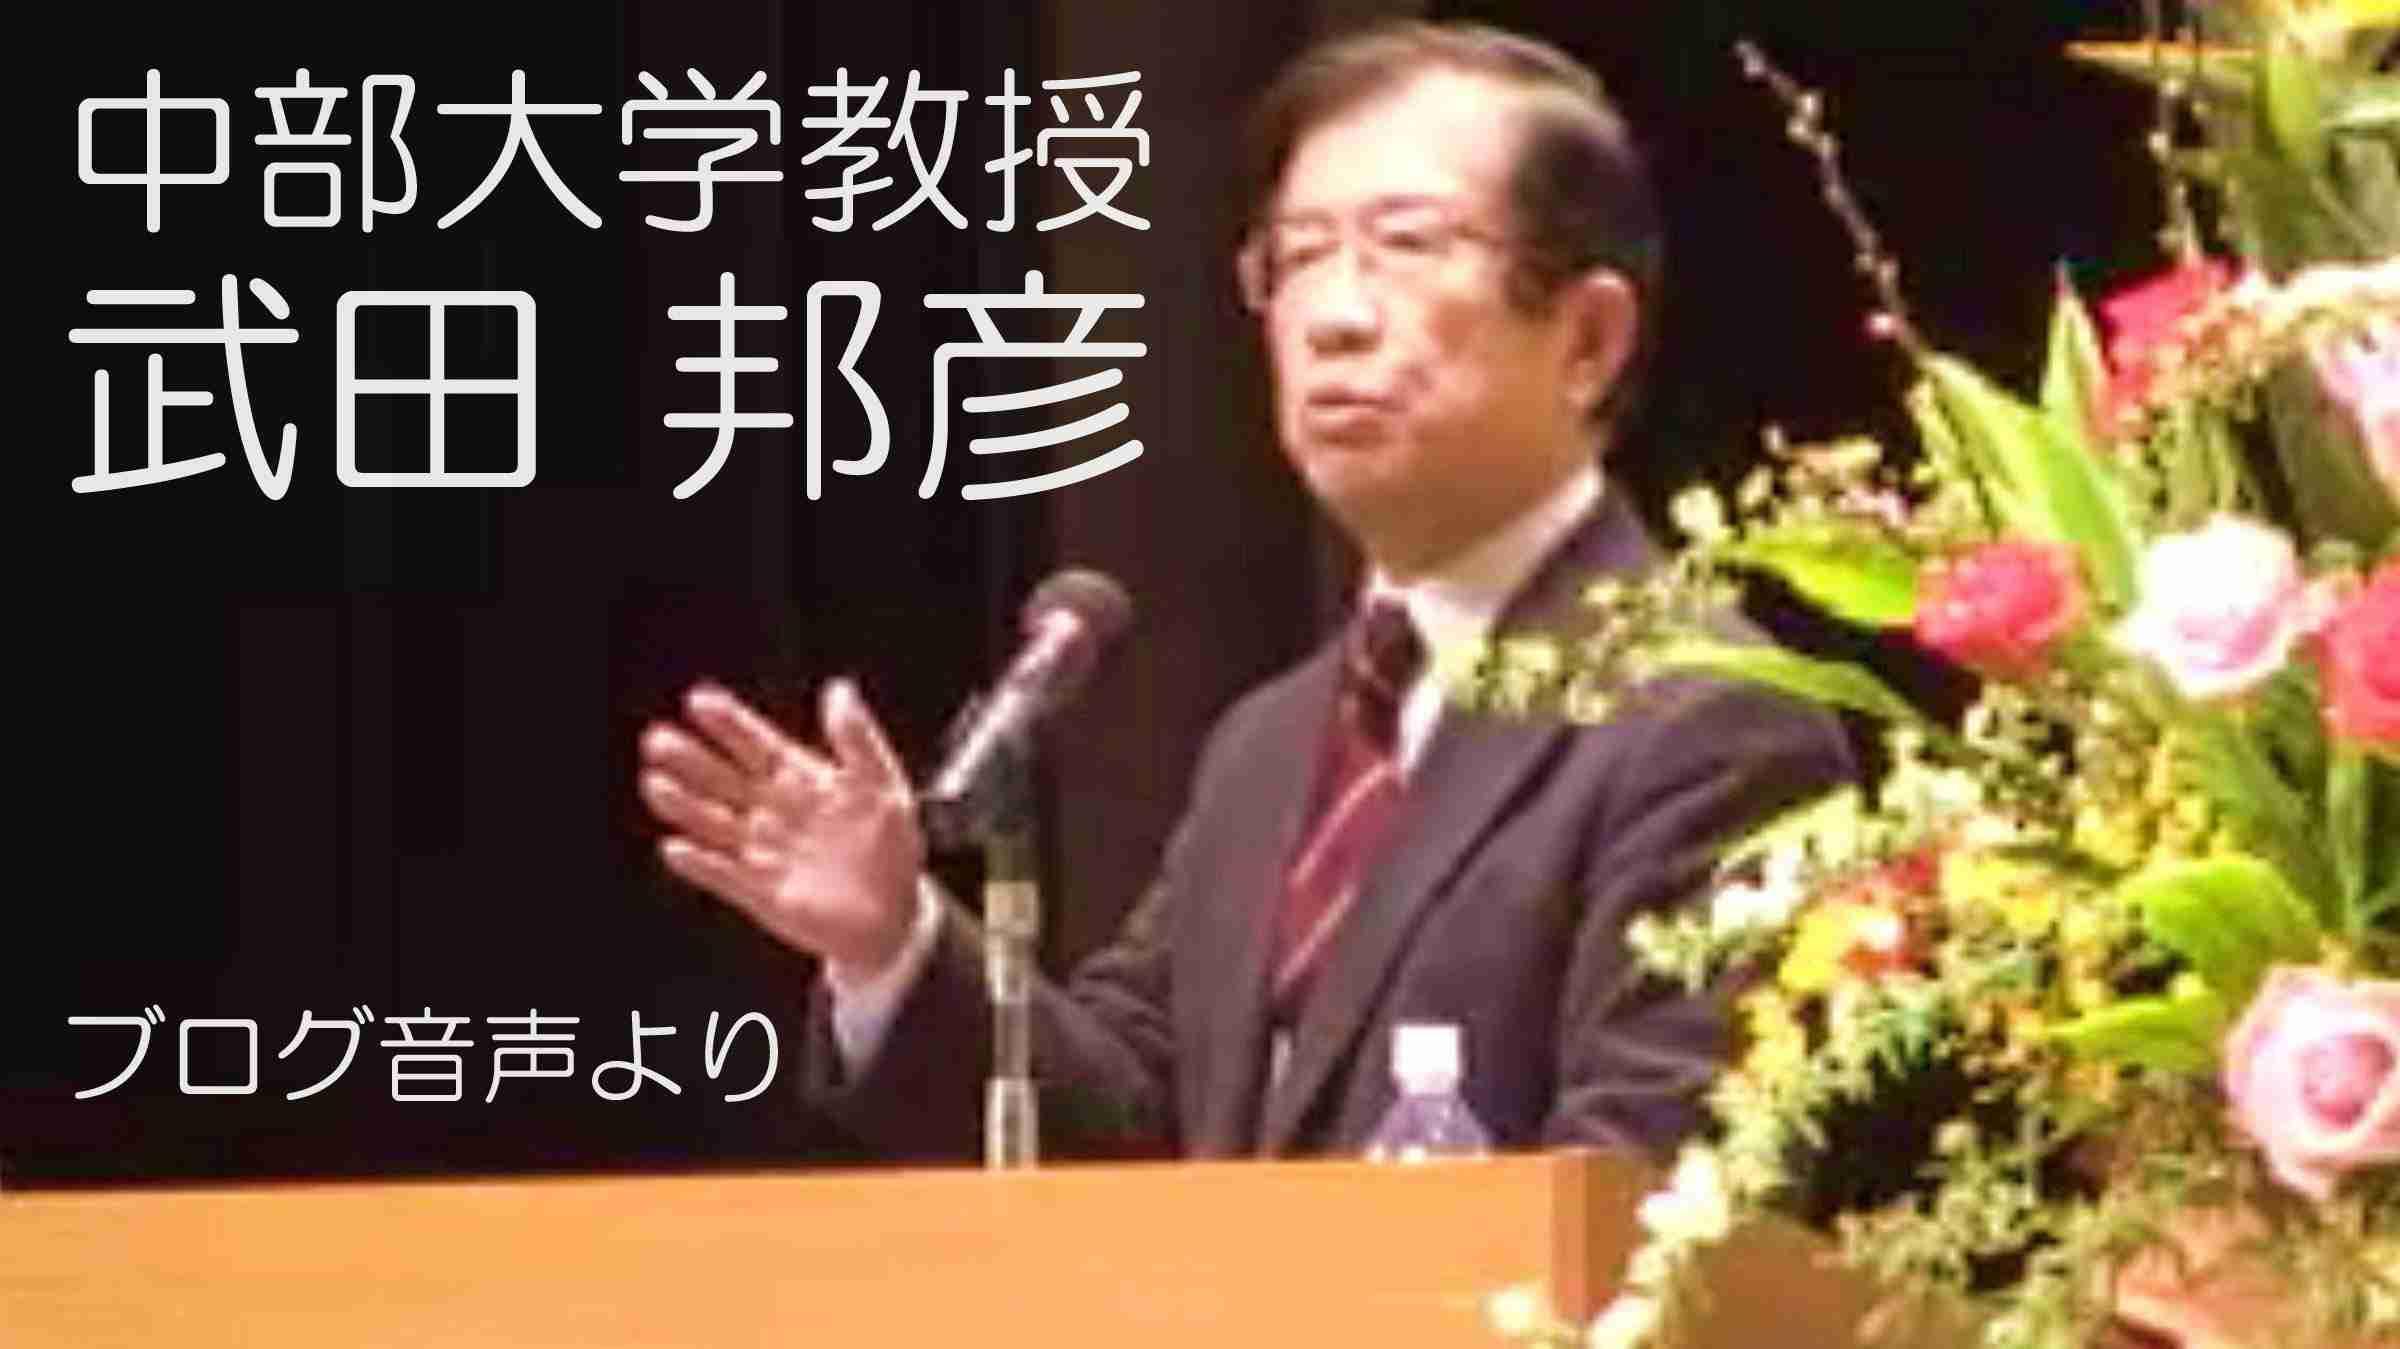 【保存版】 武田邦彦さんが解説する「反日日本人について」 / 武田 邦彦 - YouTube